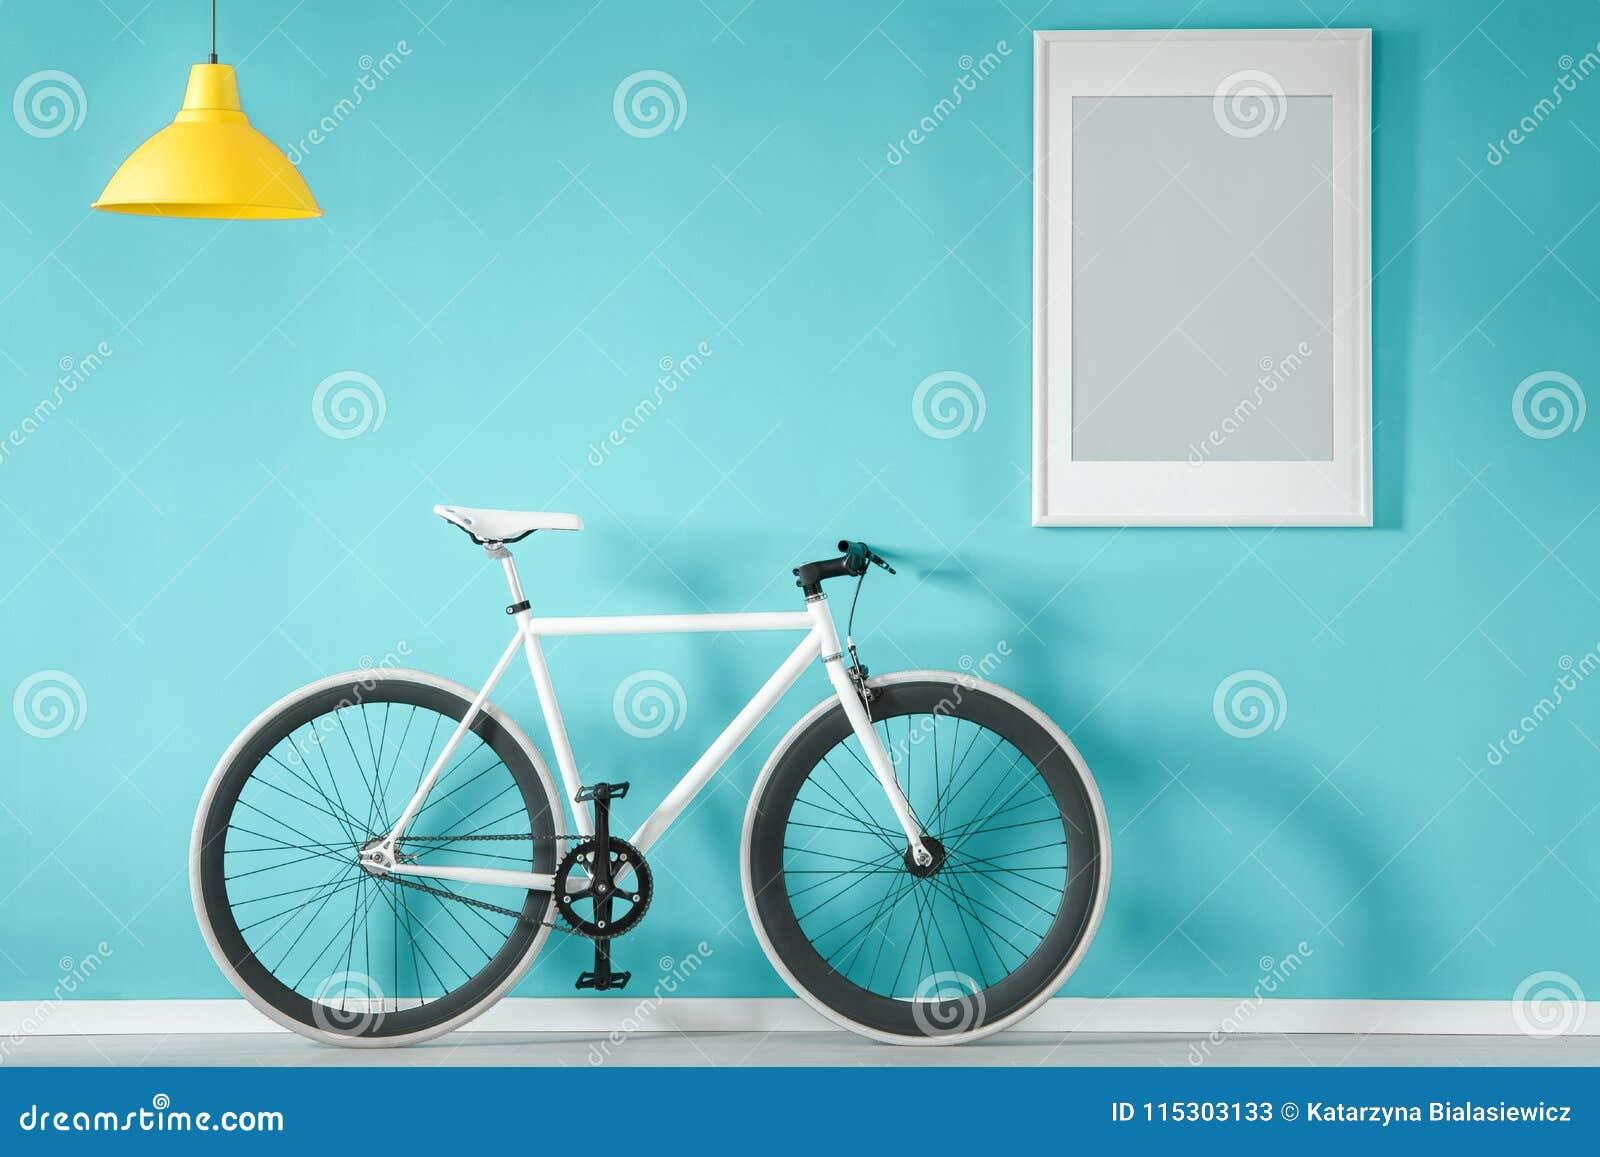 Белый велосипед в голубом интерьере